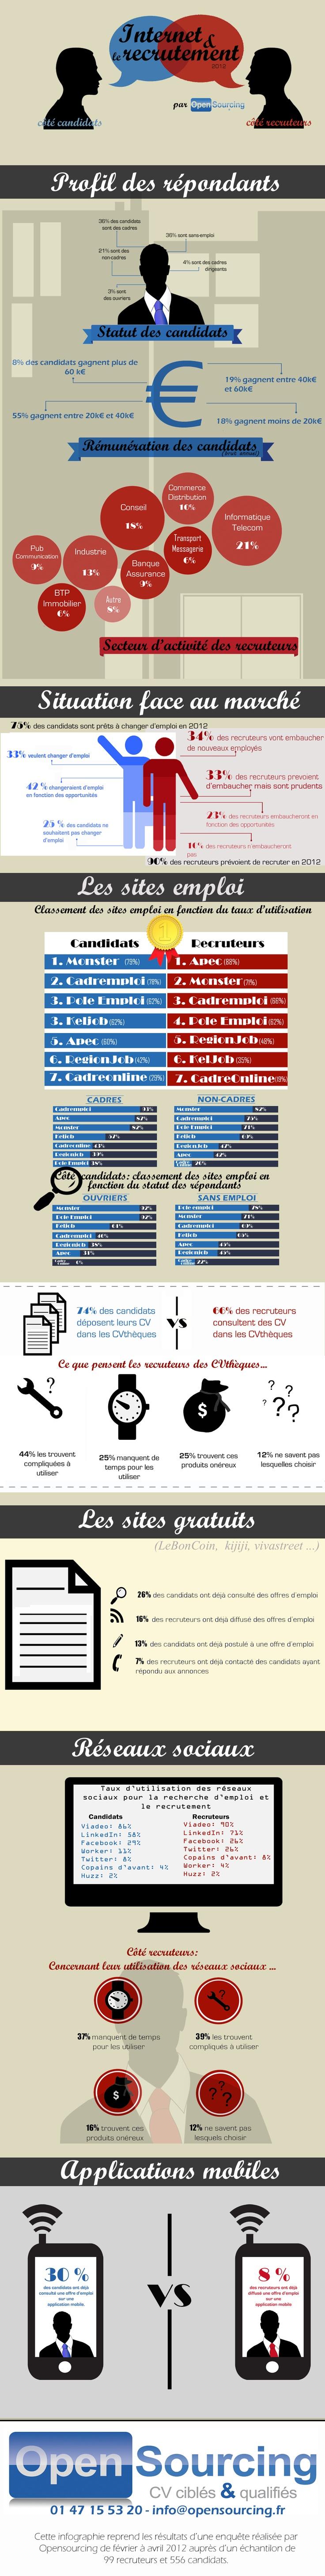 Résultats de l'enquête Internet & le recrutement réalisée par Opensourcing entre février et avril 2012